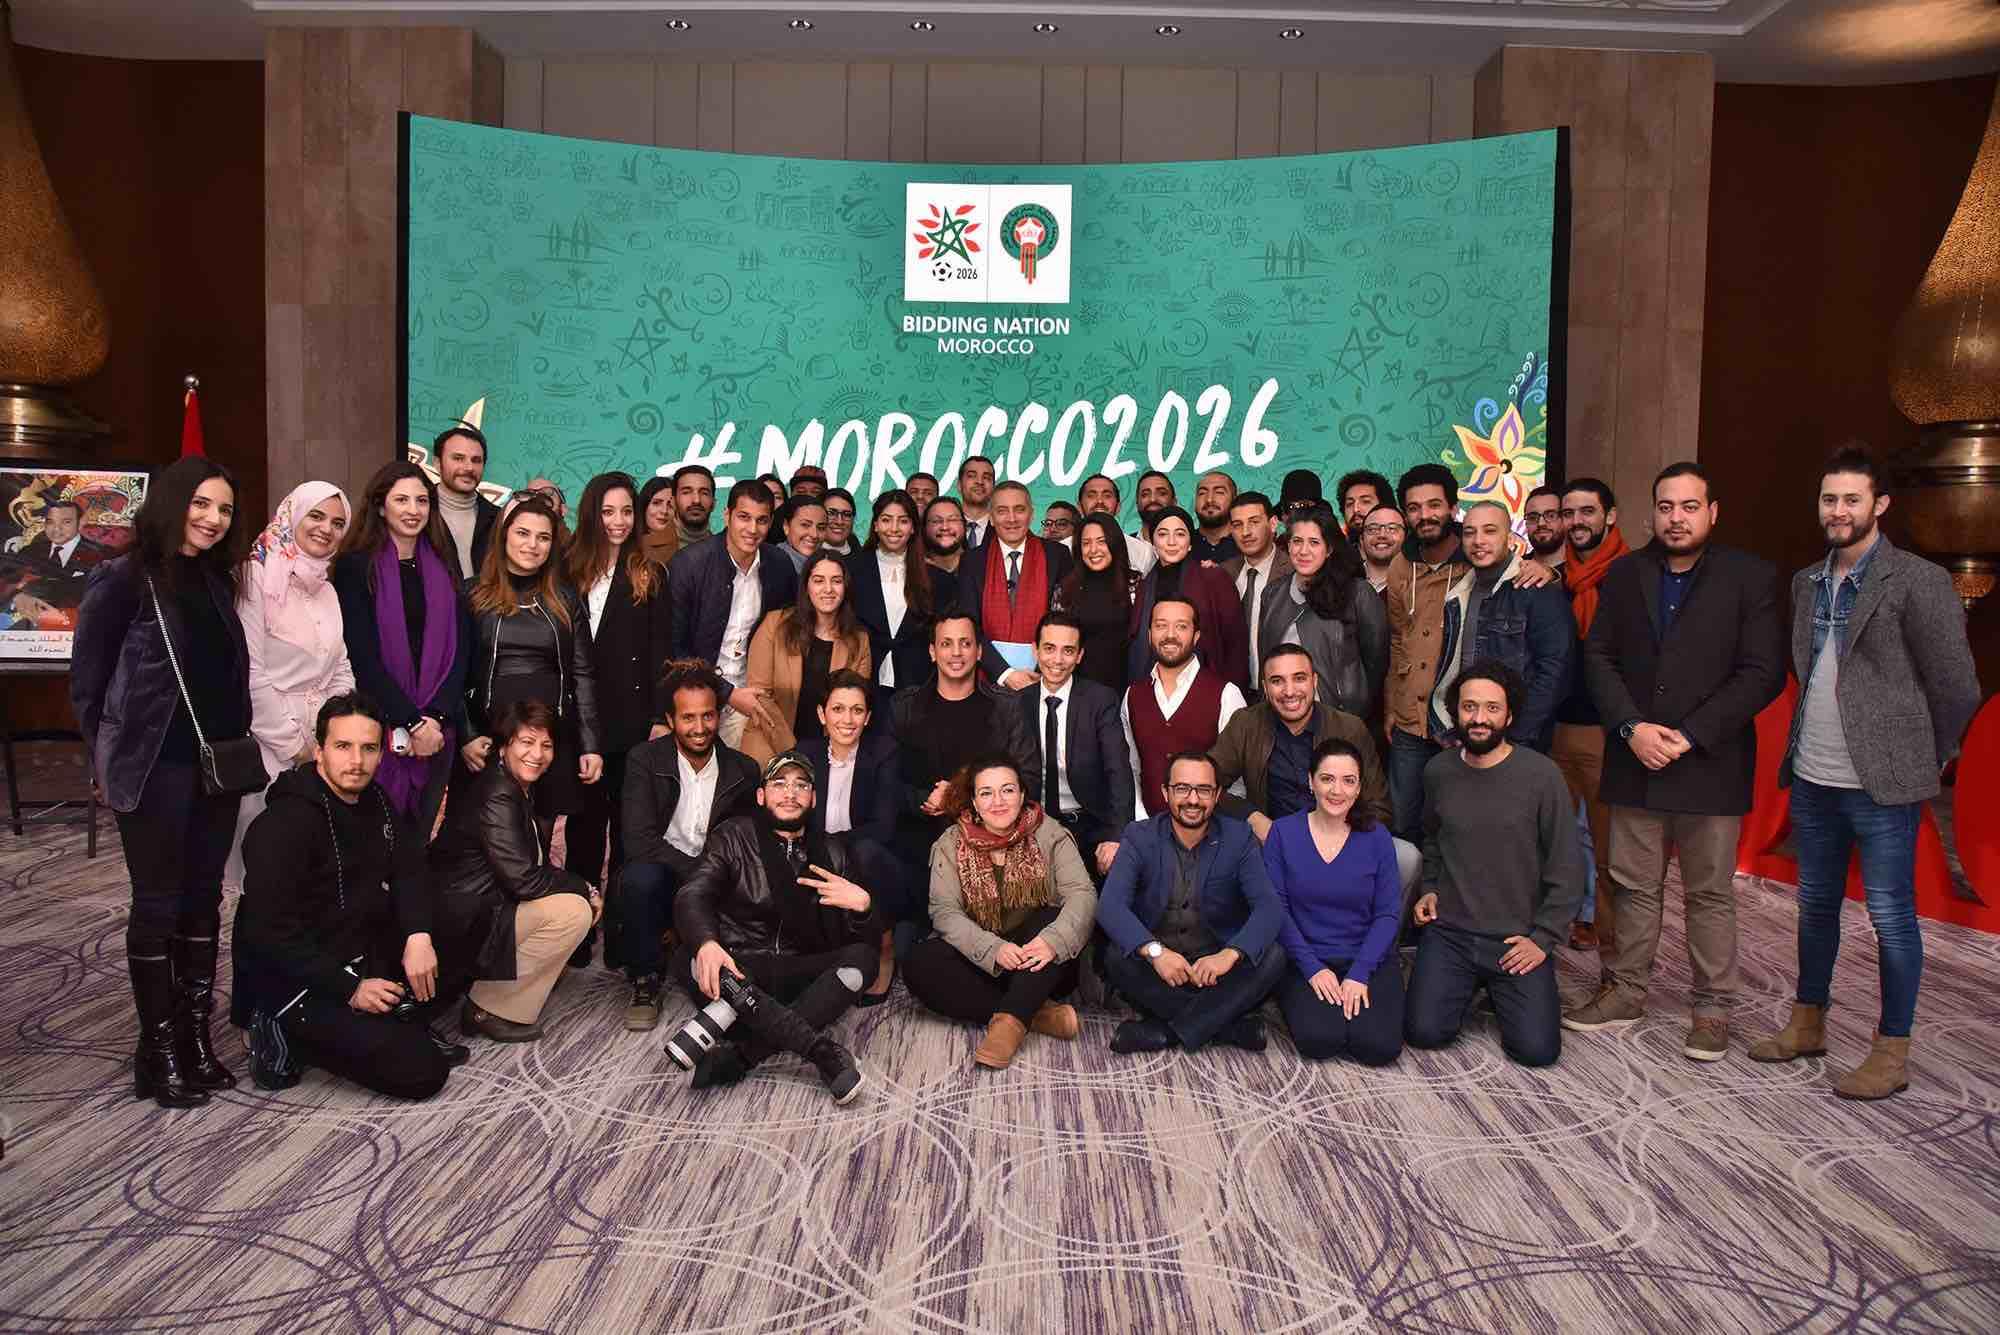 #imagine2026 : L'appel à projets citoyen pour soutenir la candidature du Maroc à l'organisation de la coupe du monde